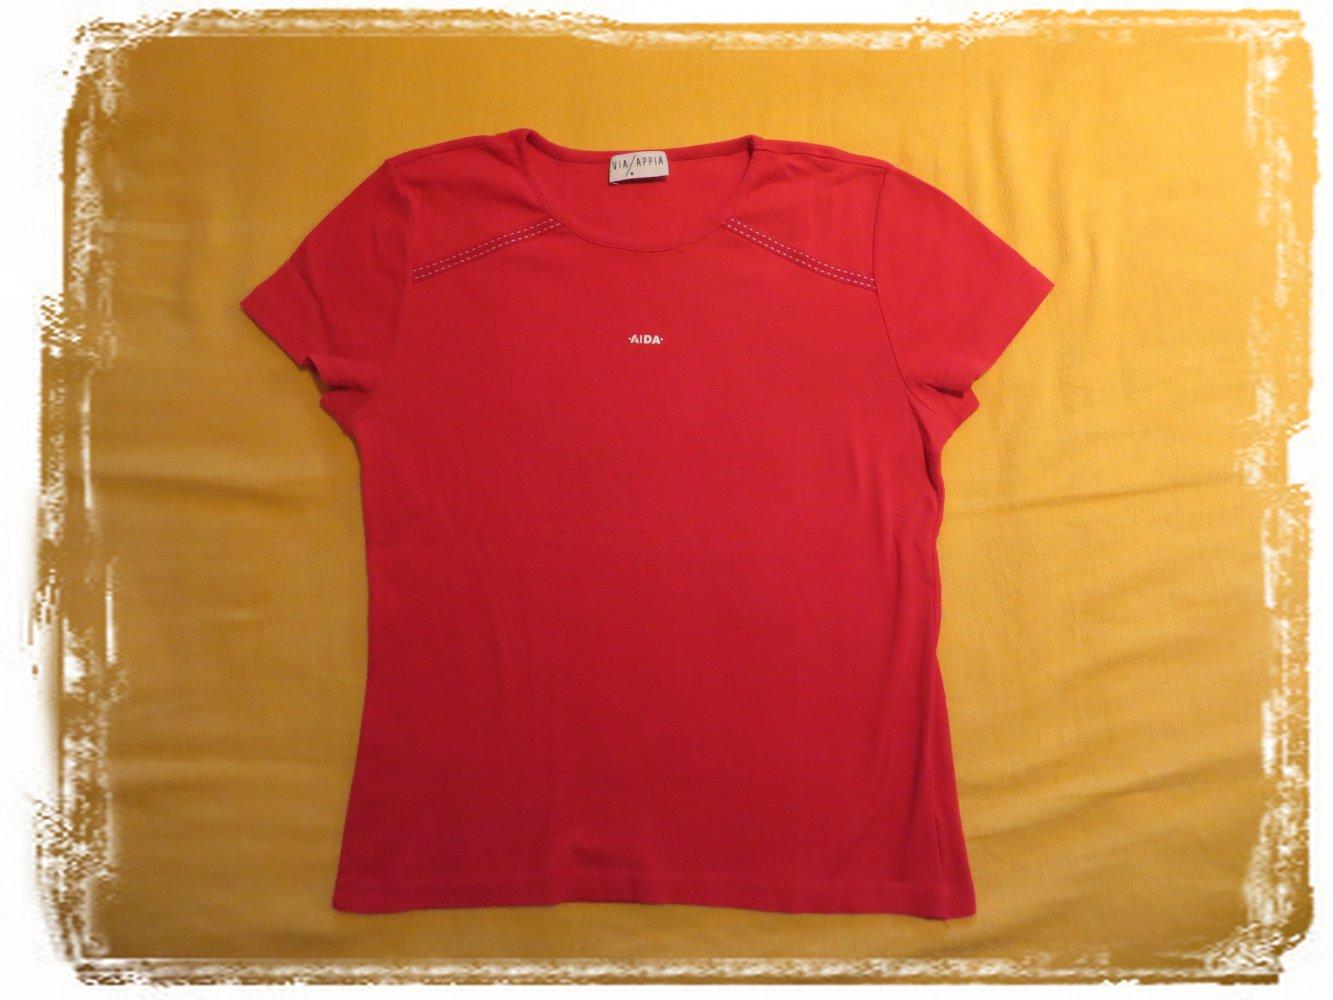 6218bbbcccf9cb ... Flottes knallig rotes Damen T-Shirt mit AIDA Print Größe S für  Kreuzfahrten .